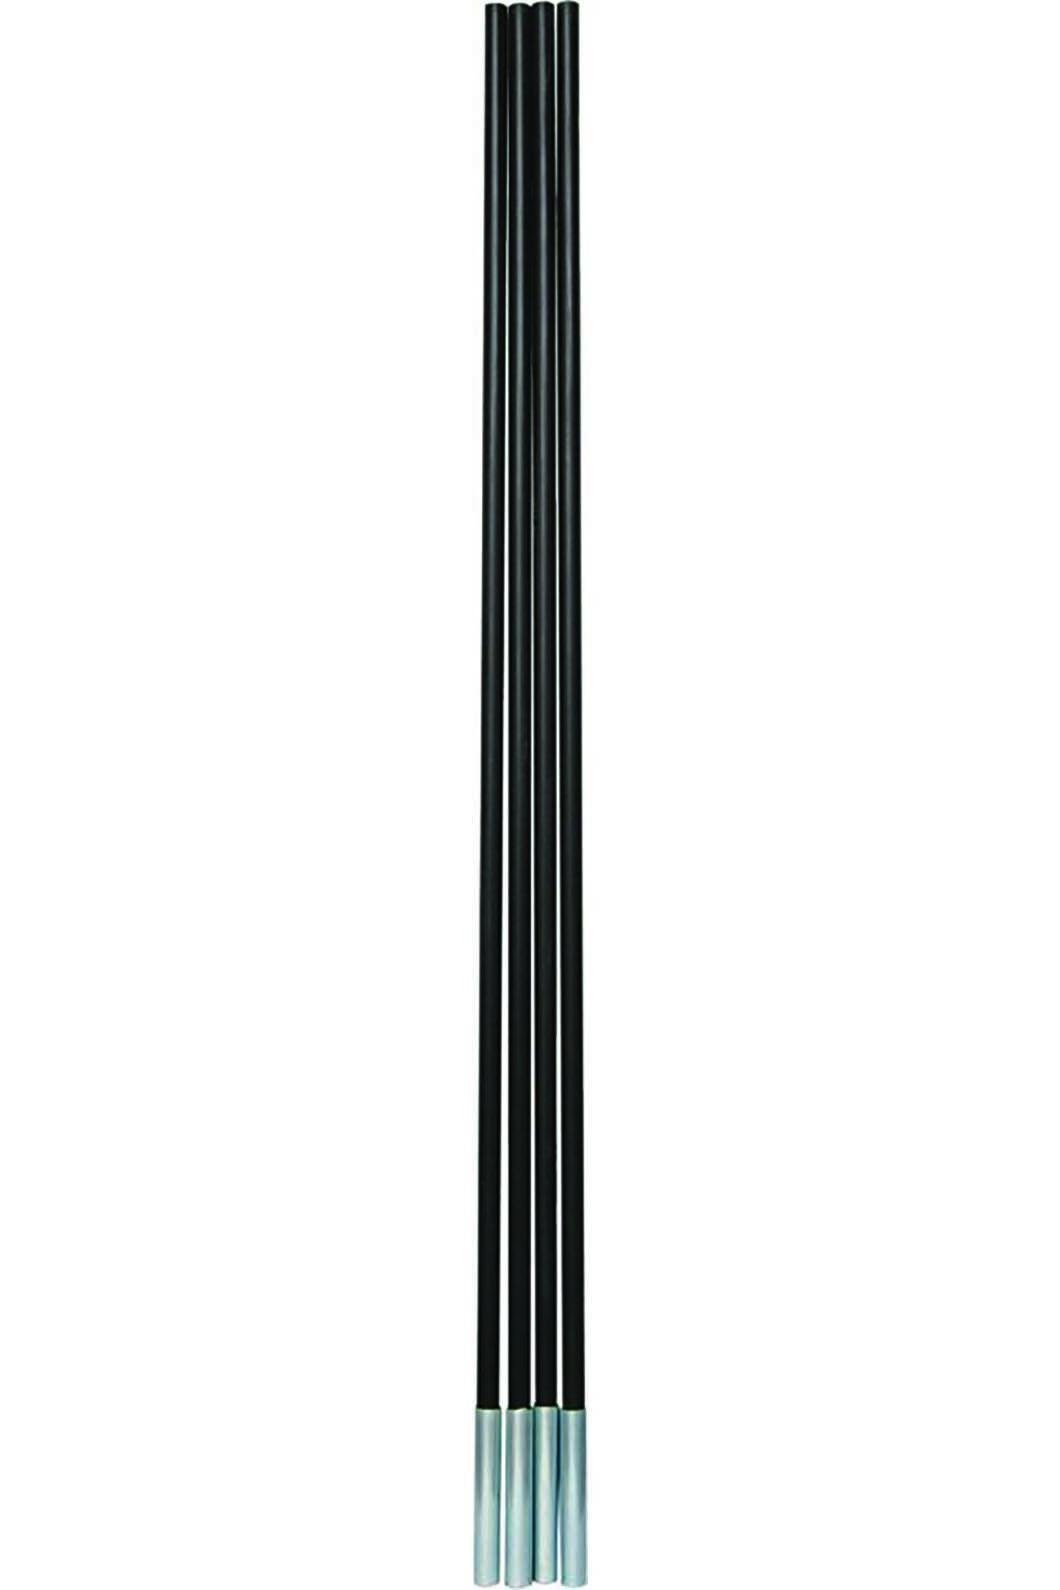 Prim Pack Fibreglass 11mm Tent Pole, None, hi-res